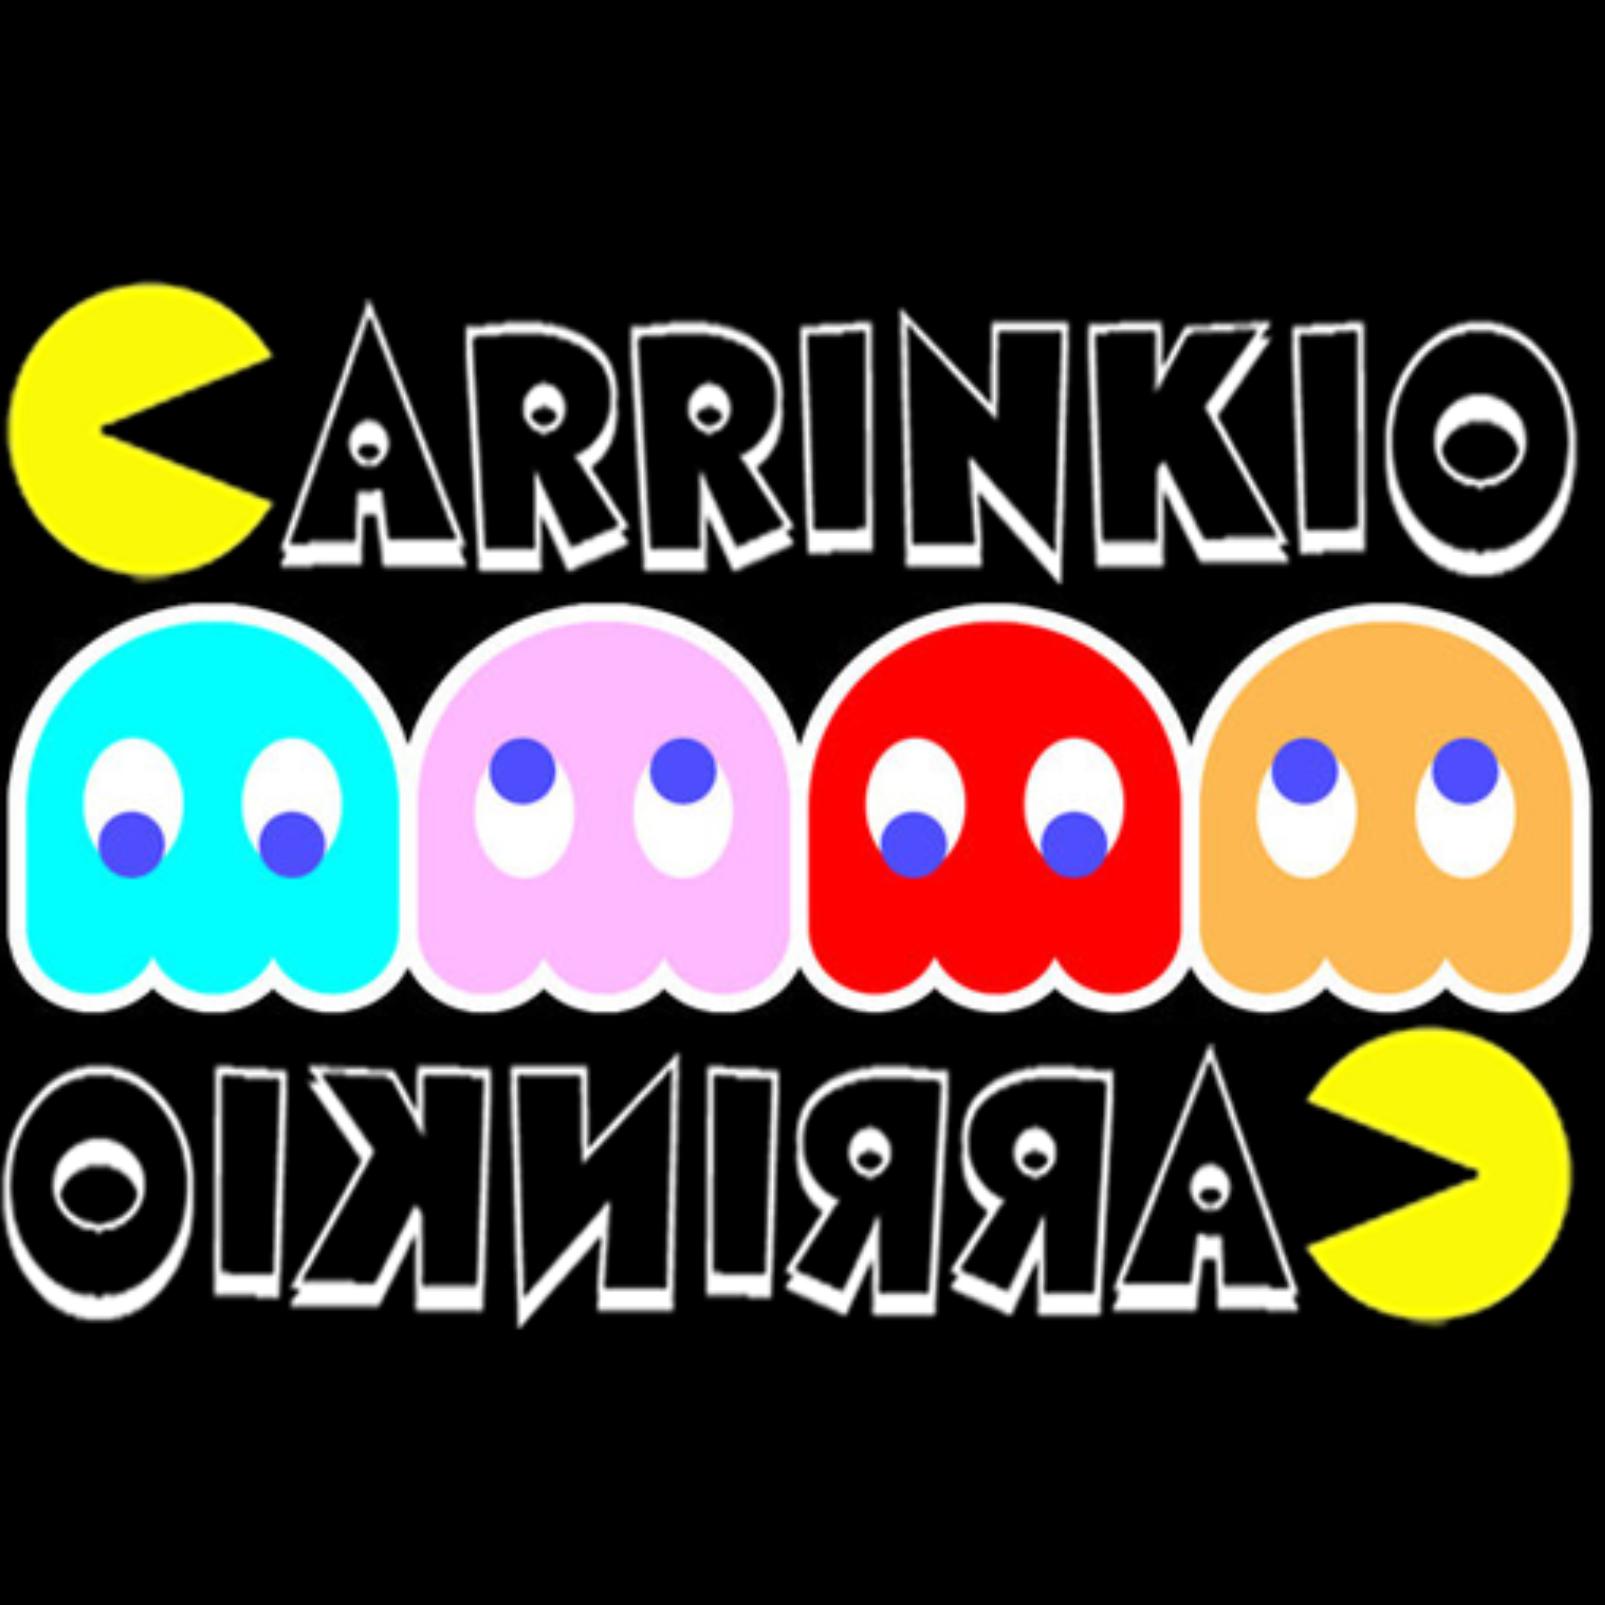 Carrinkio